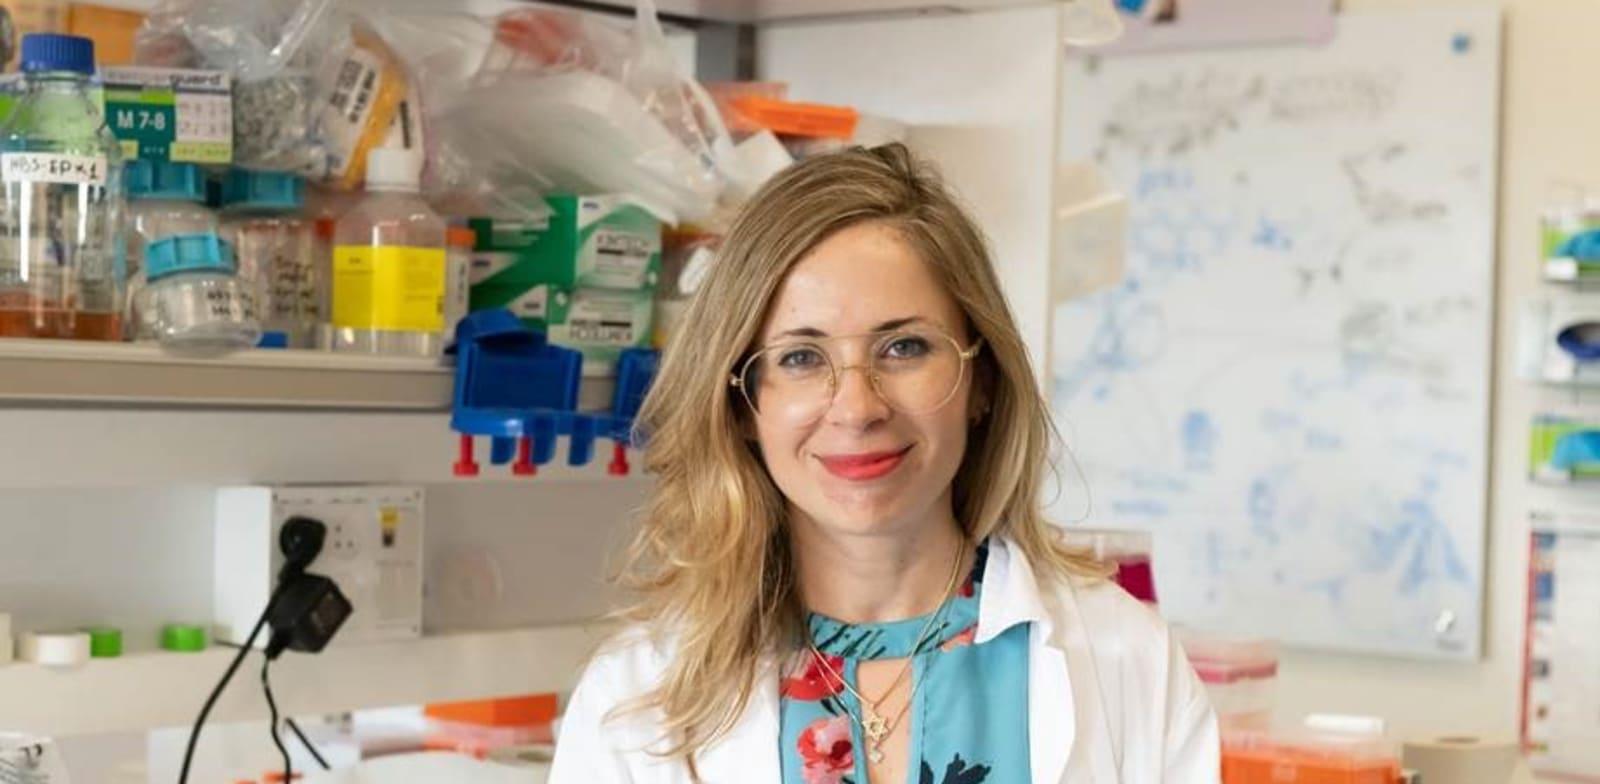 """ד""""ר נטליה פרוינד, מהפקולטה לרפואה ע""""ש סאקלר באוניברסיטת תל אביב / צילום: יורם רשף"""